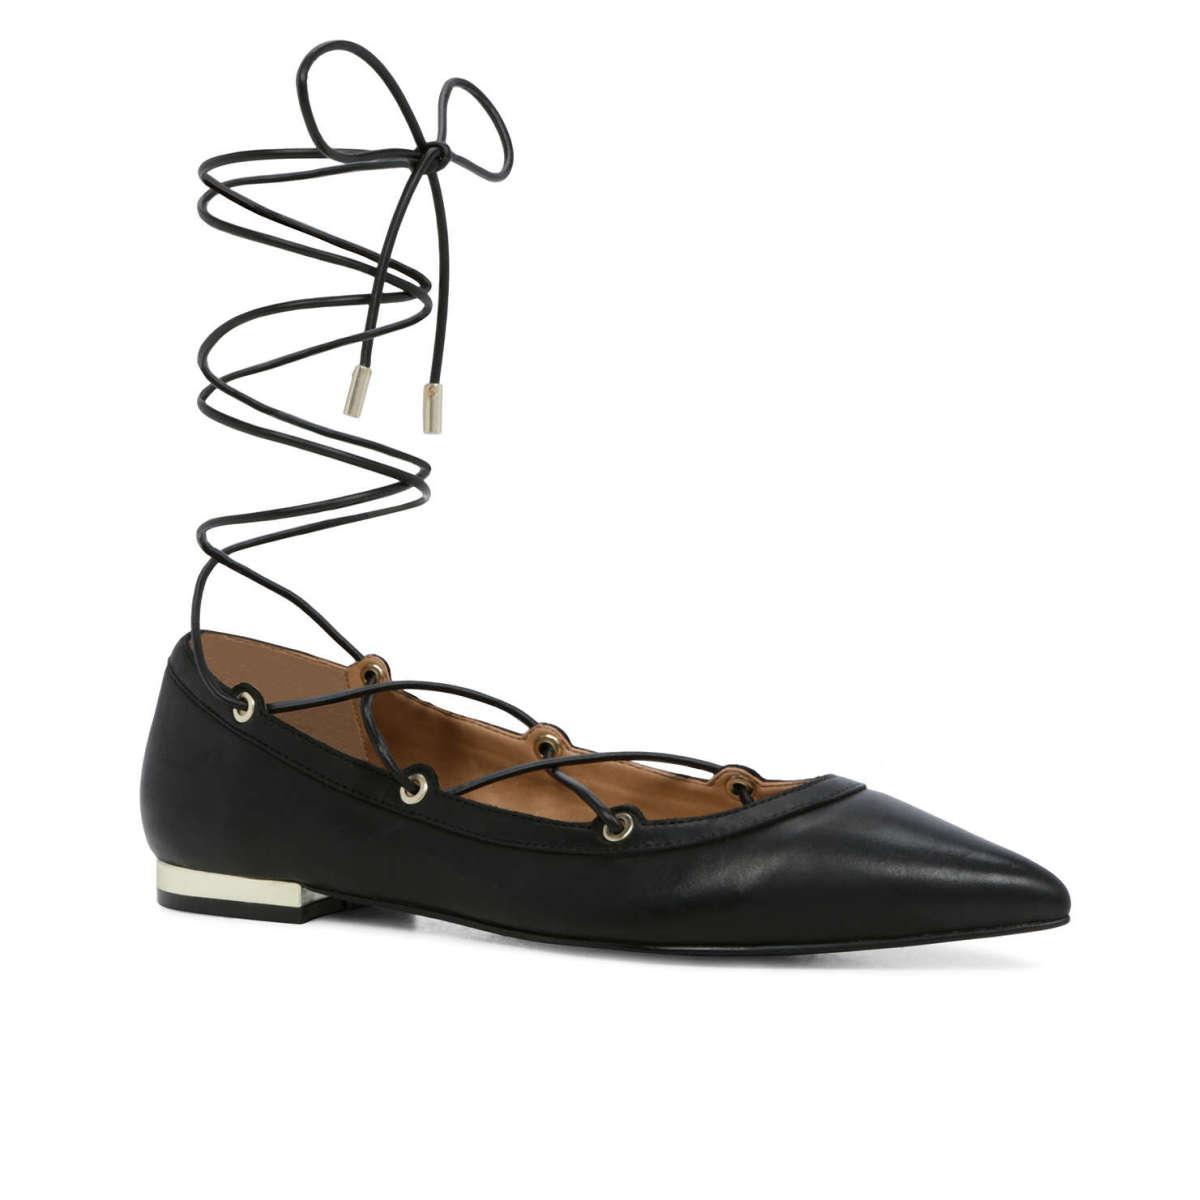 aldo gift card giveaway_Aldo ALIZE sandal